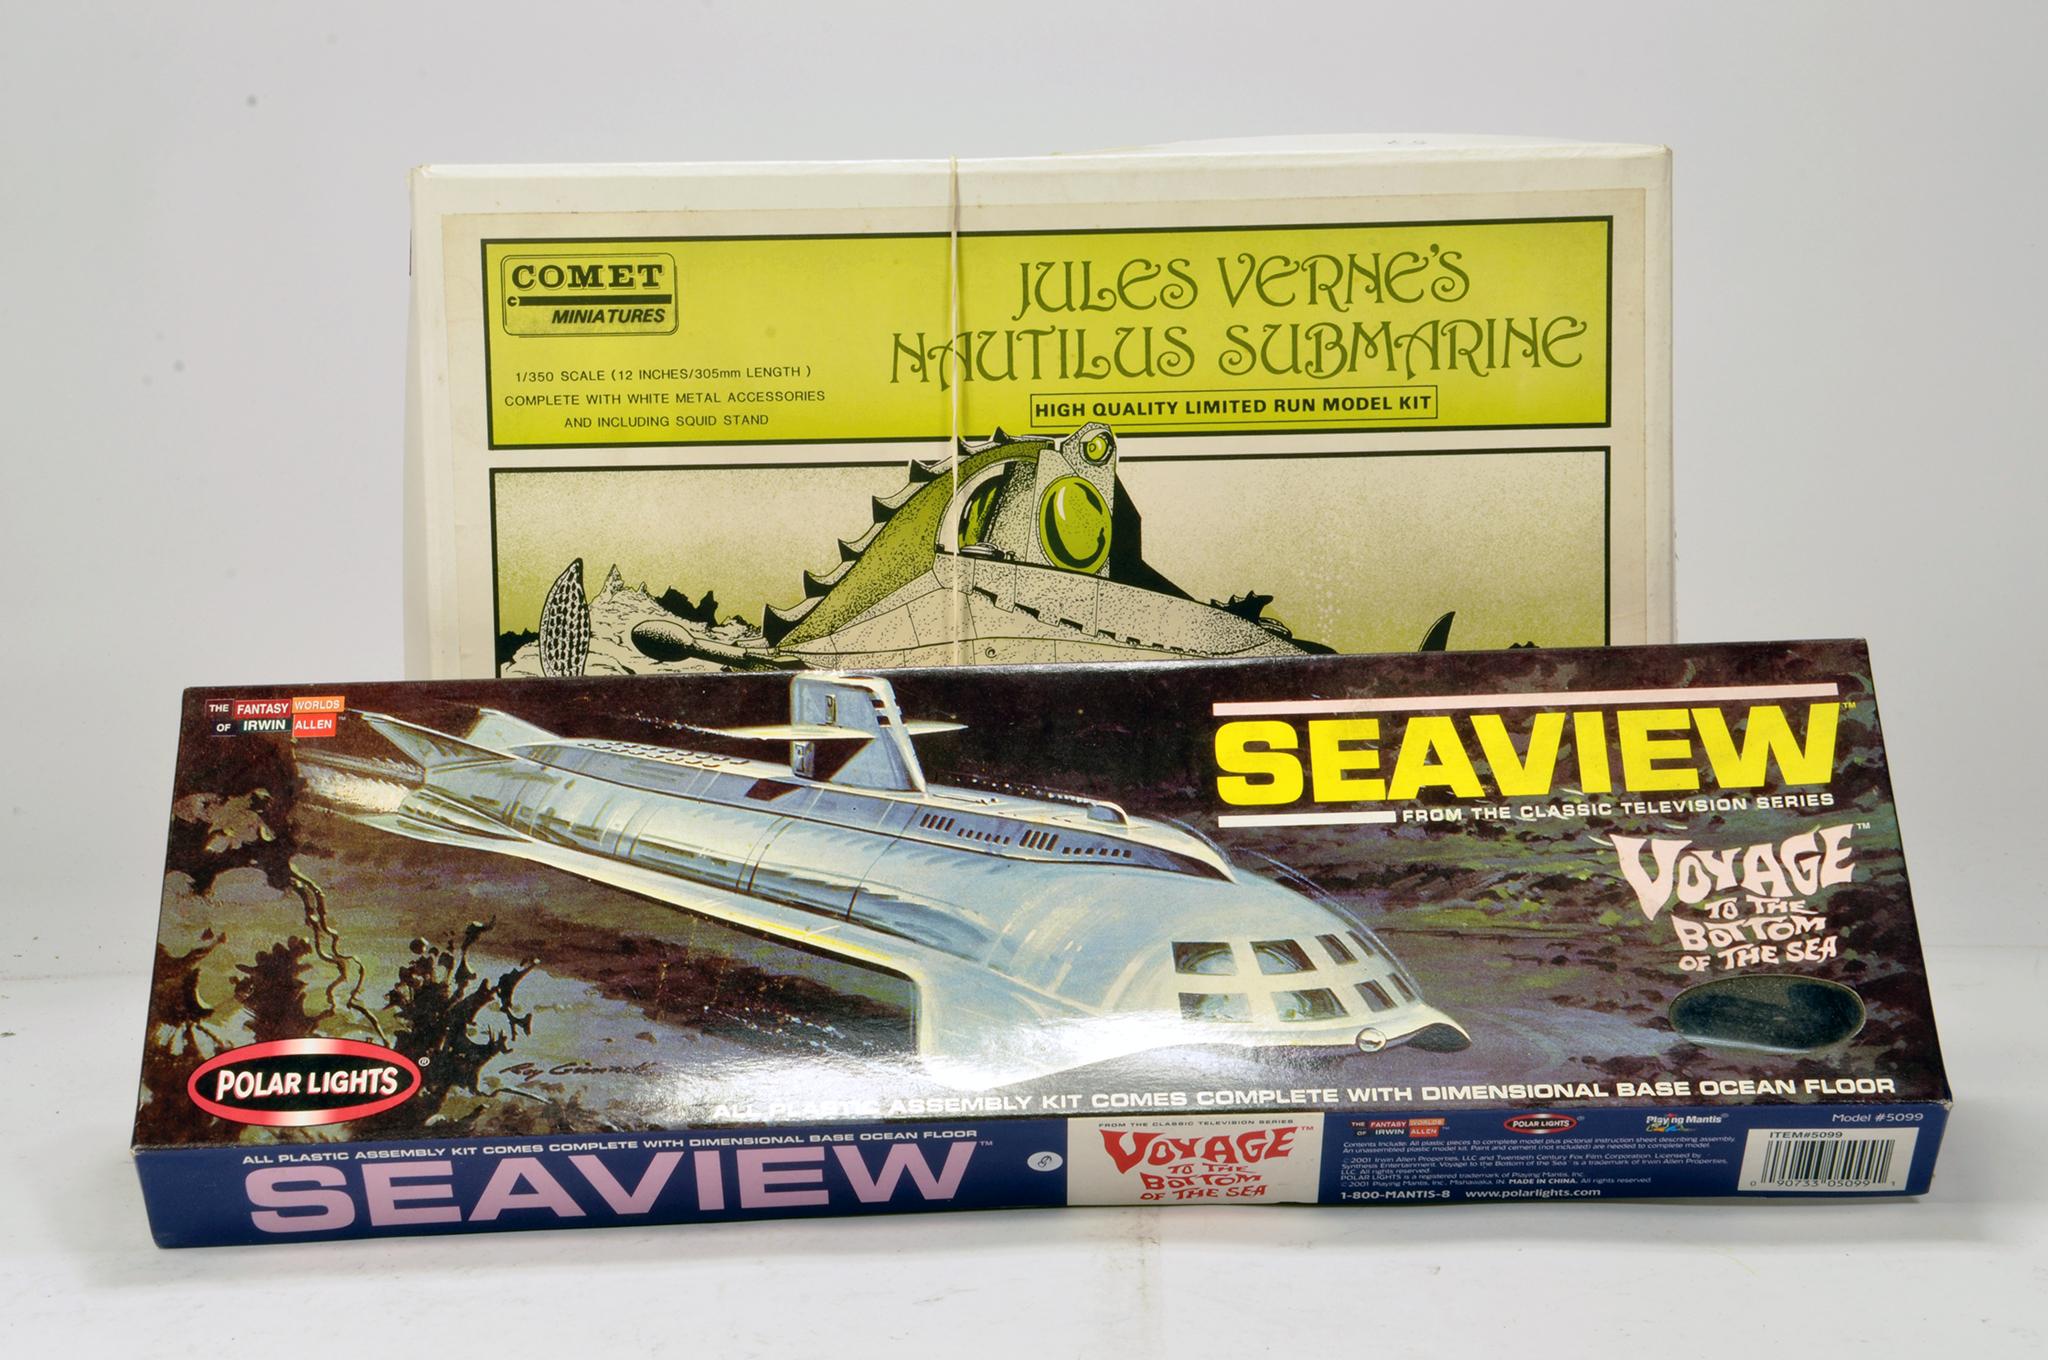 Lot 1073 - Scarce Comet 1/350 Jules Submarine plus Polar Lights Seaview model kits. Vendor informs kits are